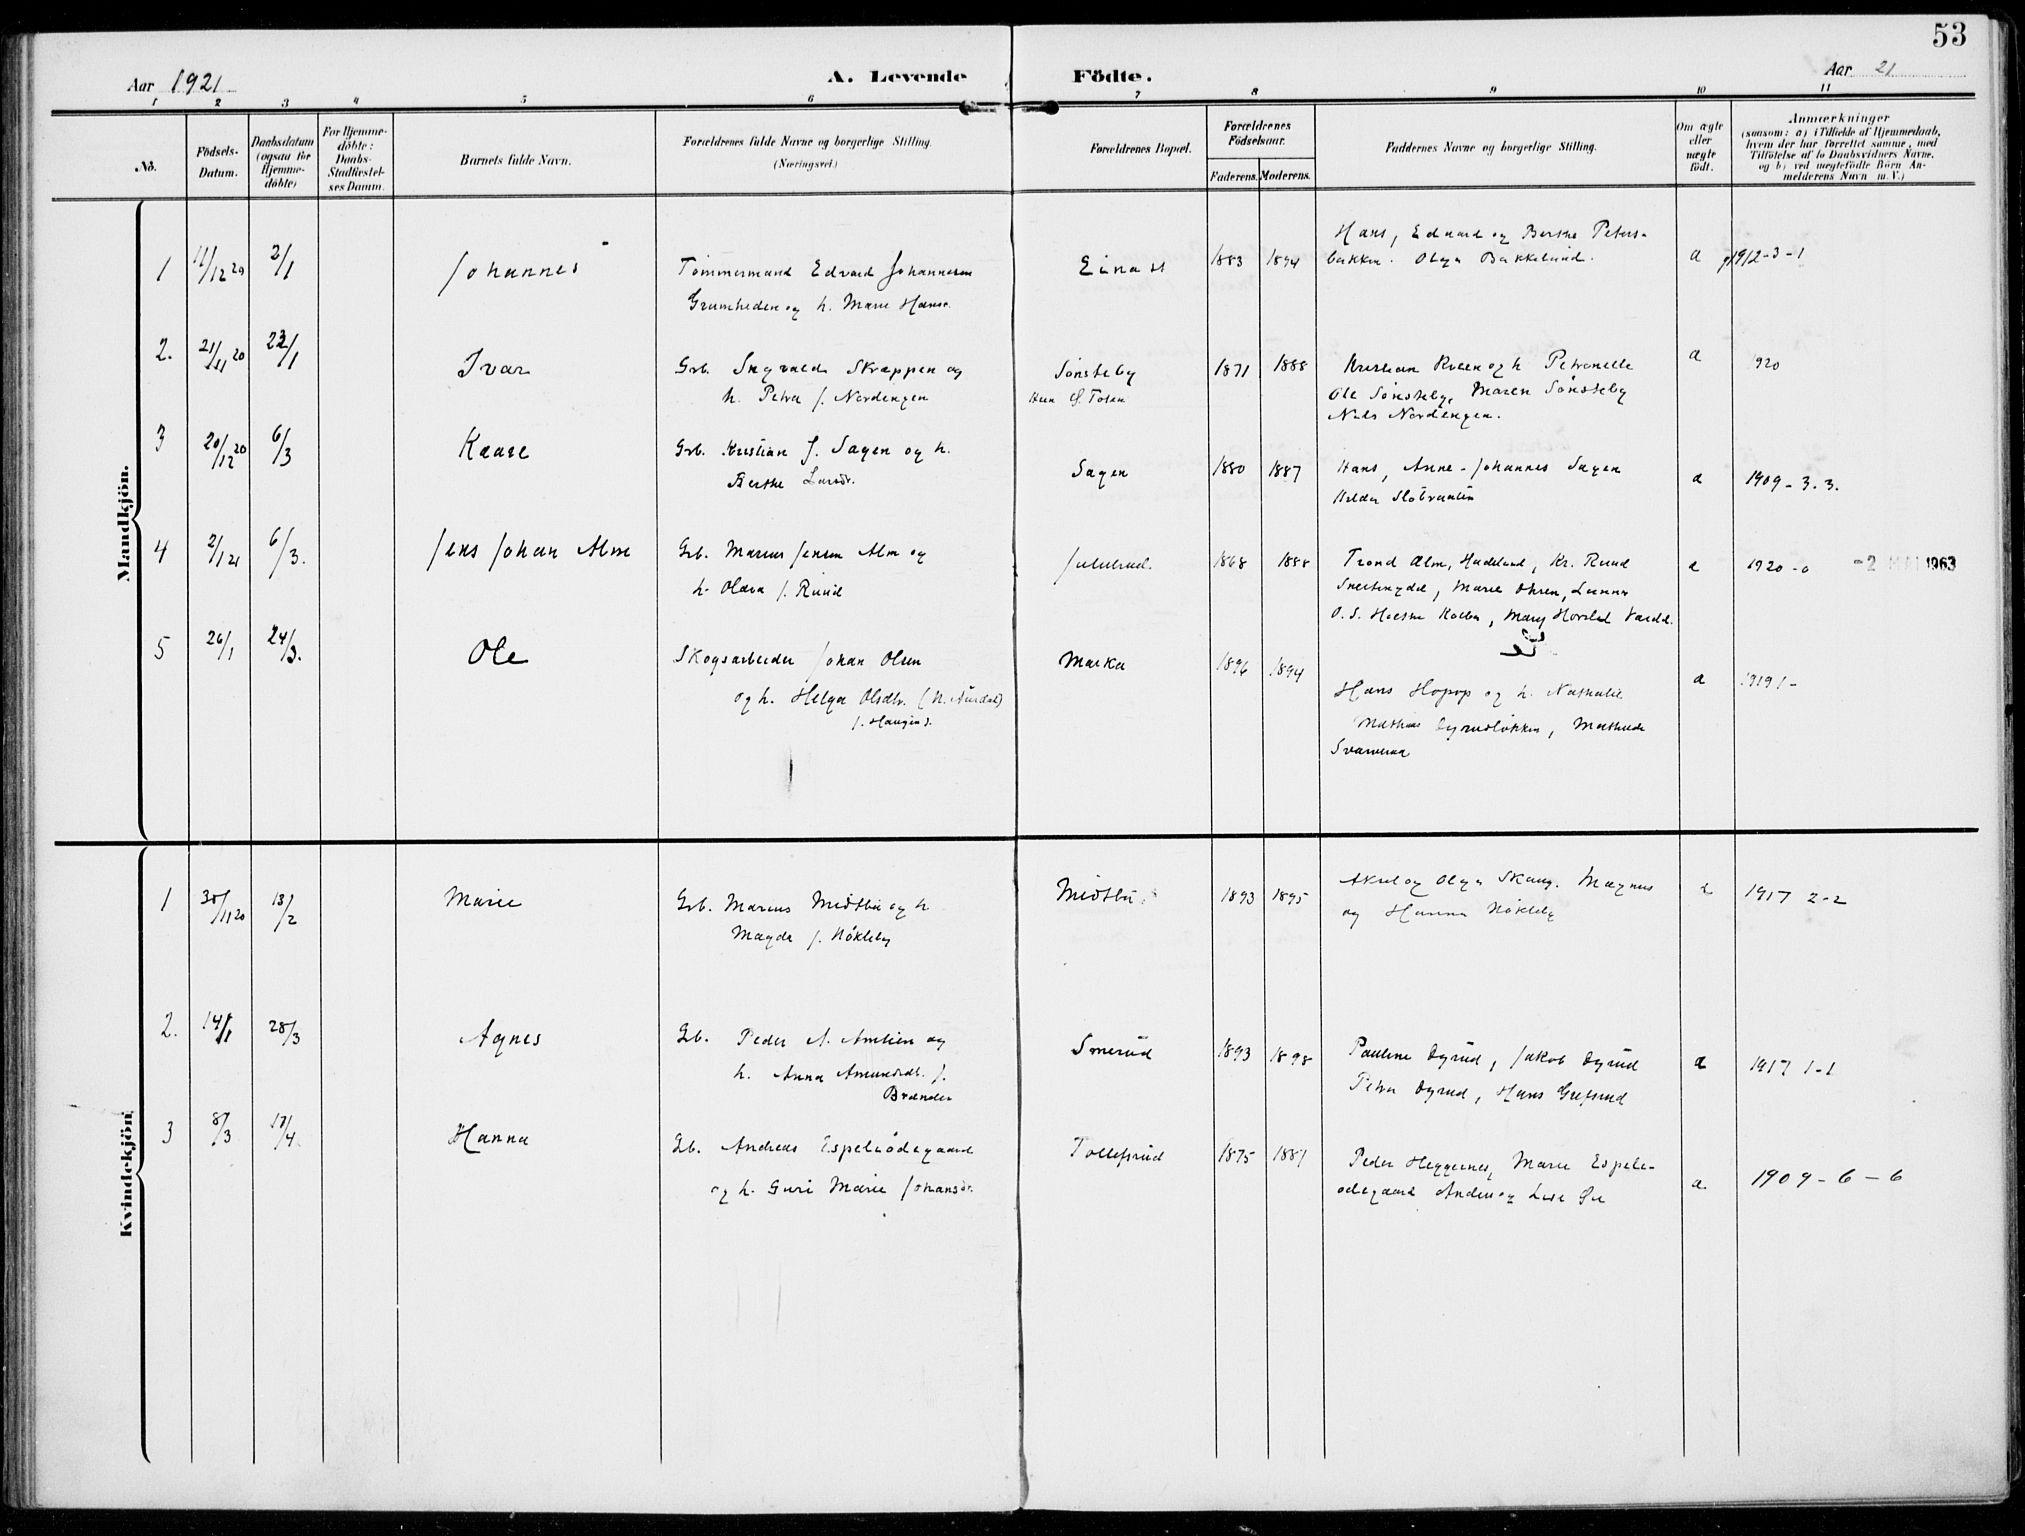 SAH, Kolbu prestekontor, Ministerialbok nr. 1, 1907-1923, s. 53